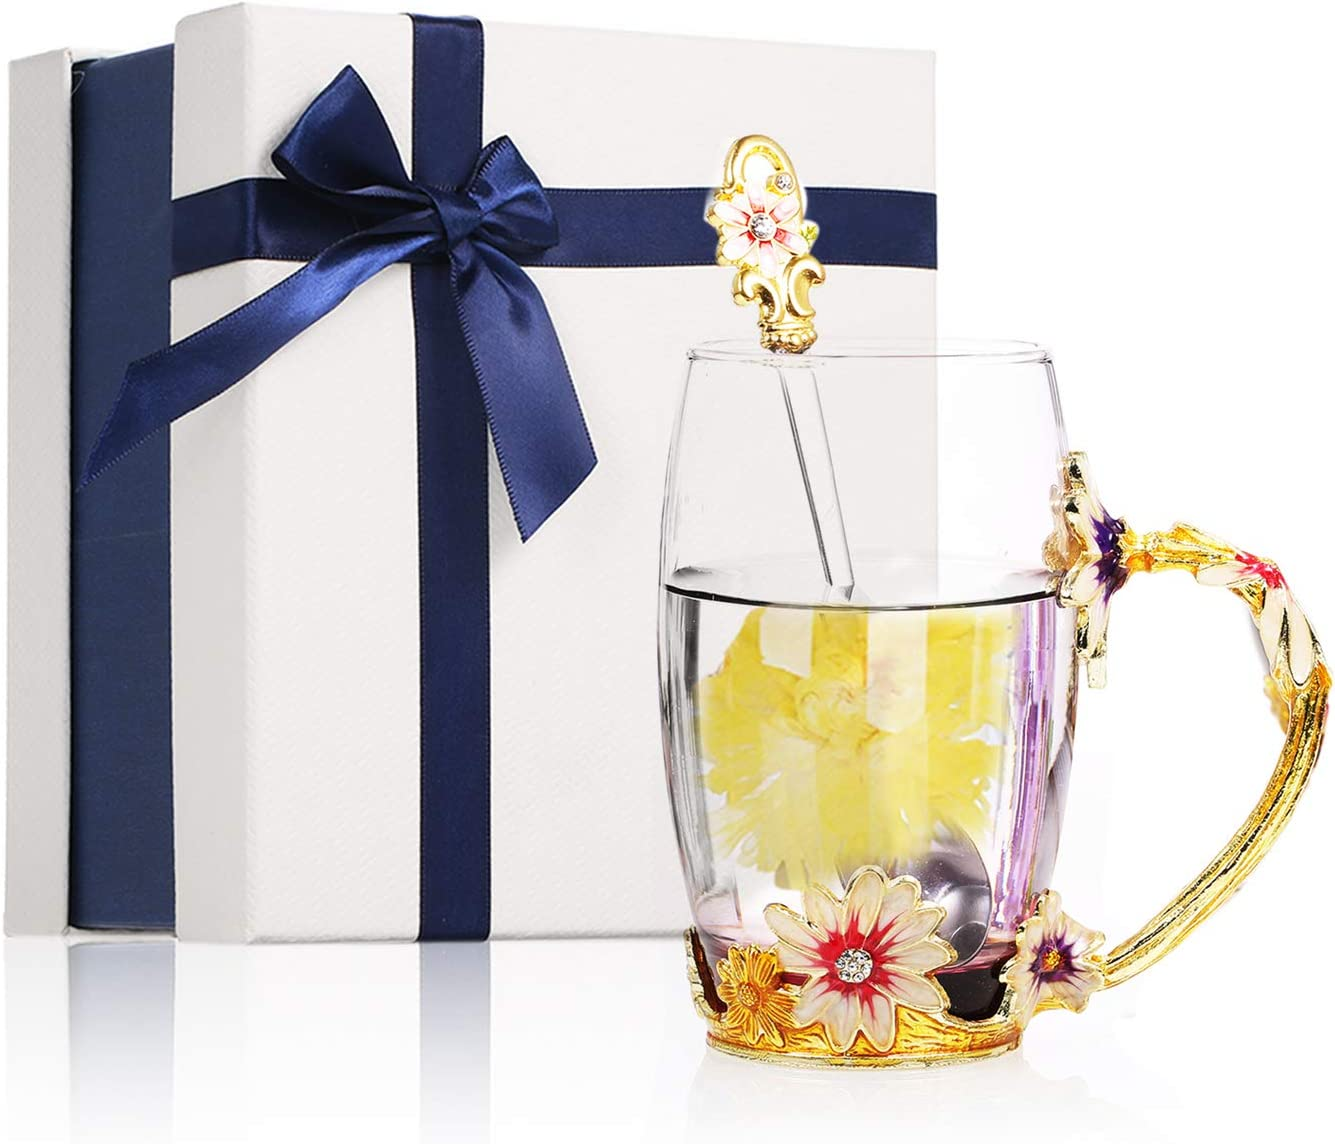 Decdeal 350 ML Taza de Té con Diseño de Flores, Esmaltada, de Cristal, Regalos Personalizados para Mujeres, Dia de la Madre, Hermanas, Cumpleaños, Navidad, San Valentín